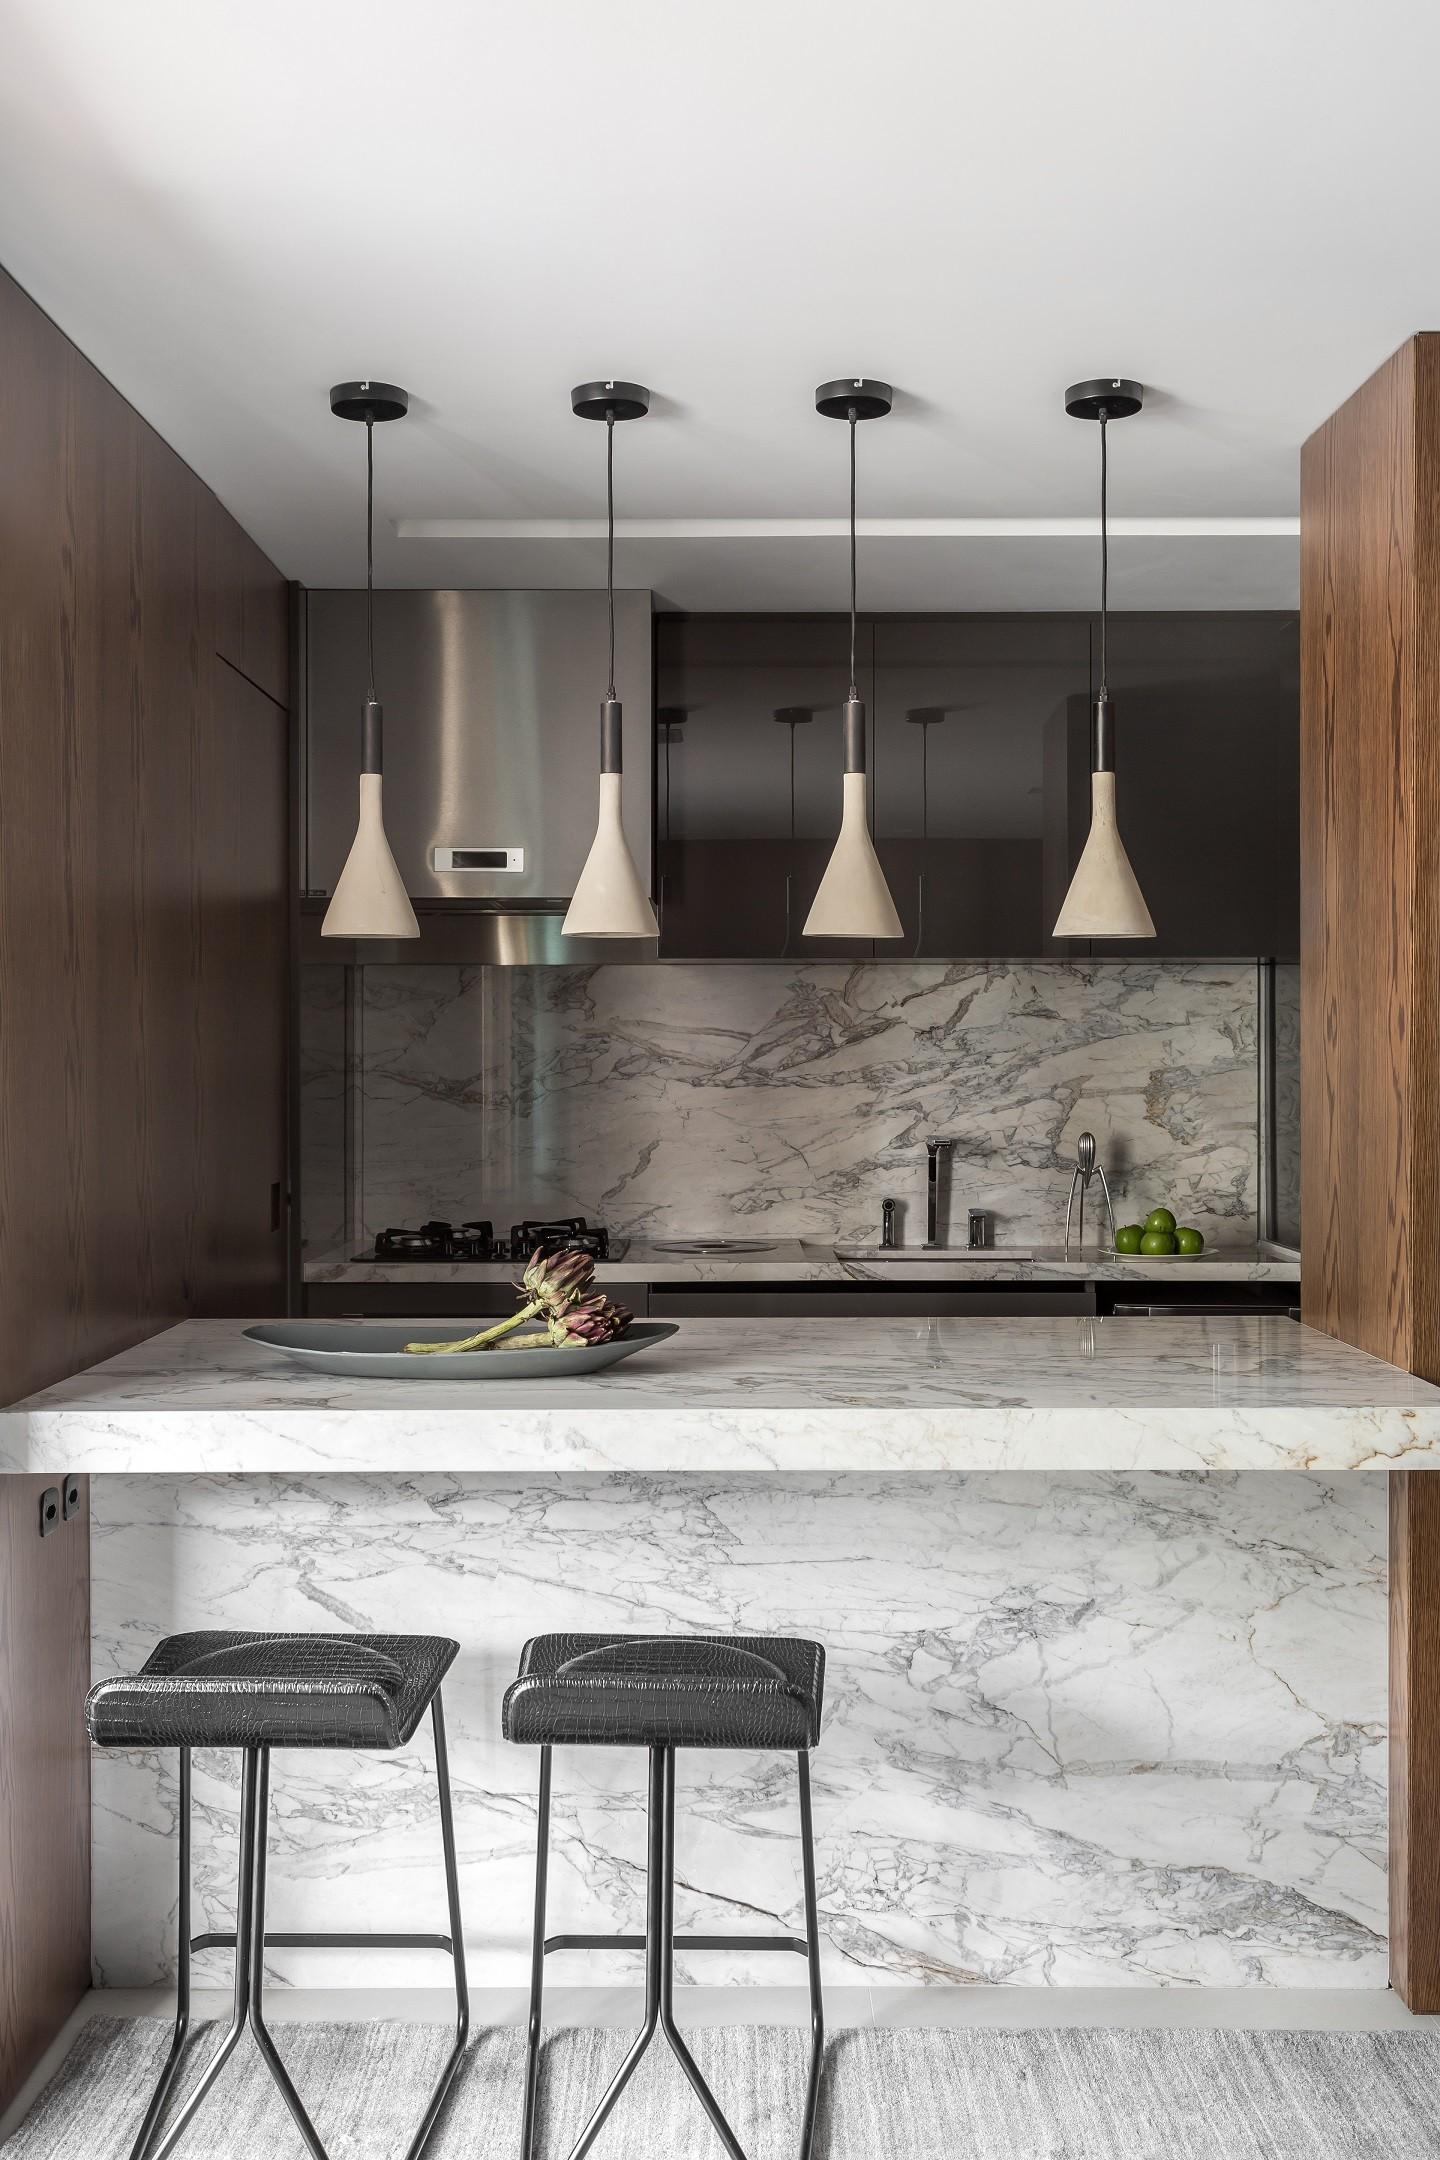 Bancada de mármores, bancos pretos, luminárias e acessórios de cozinha.